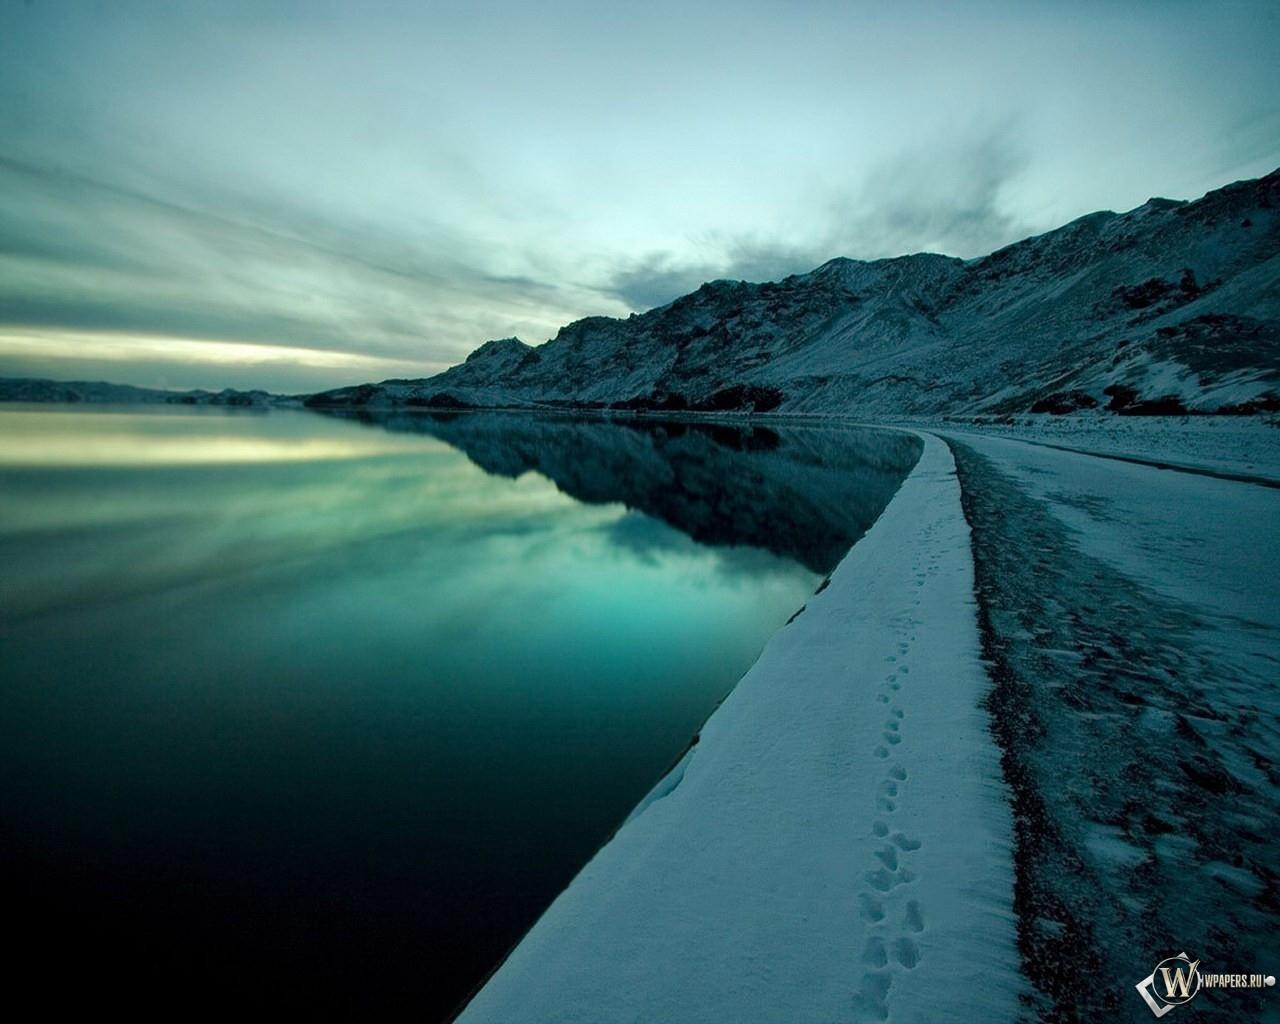 Пейзаж зимней набережной 1280x1024